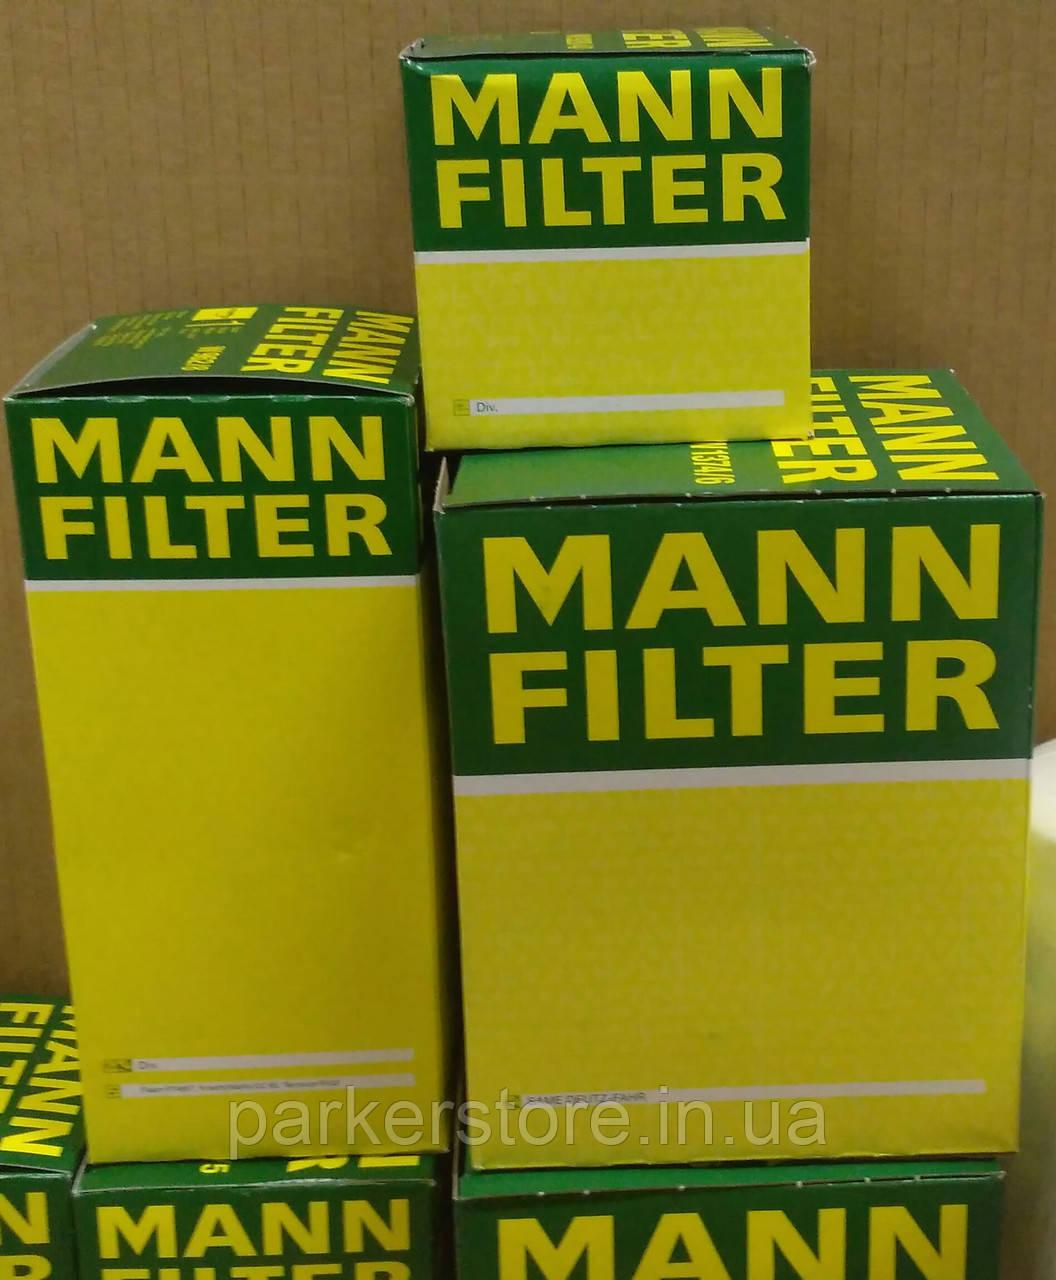 MANN FILTER / Воздушный фильтр / C 78/2 / C78/2